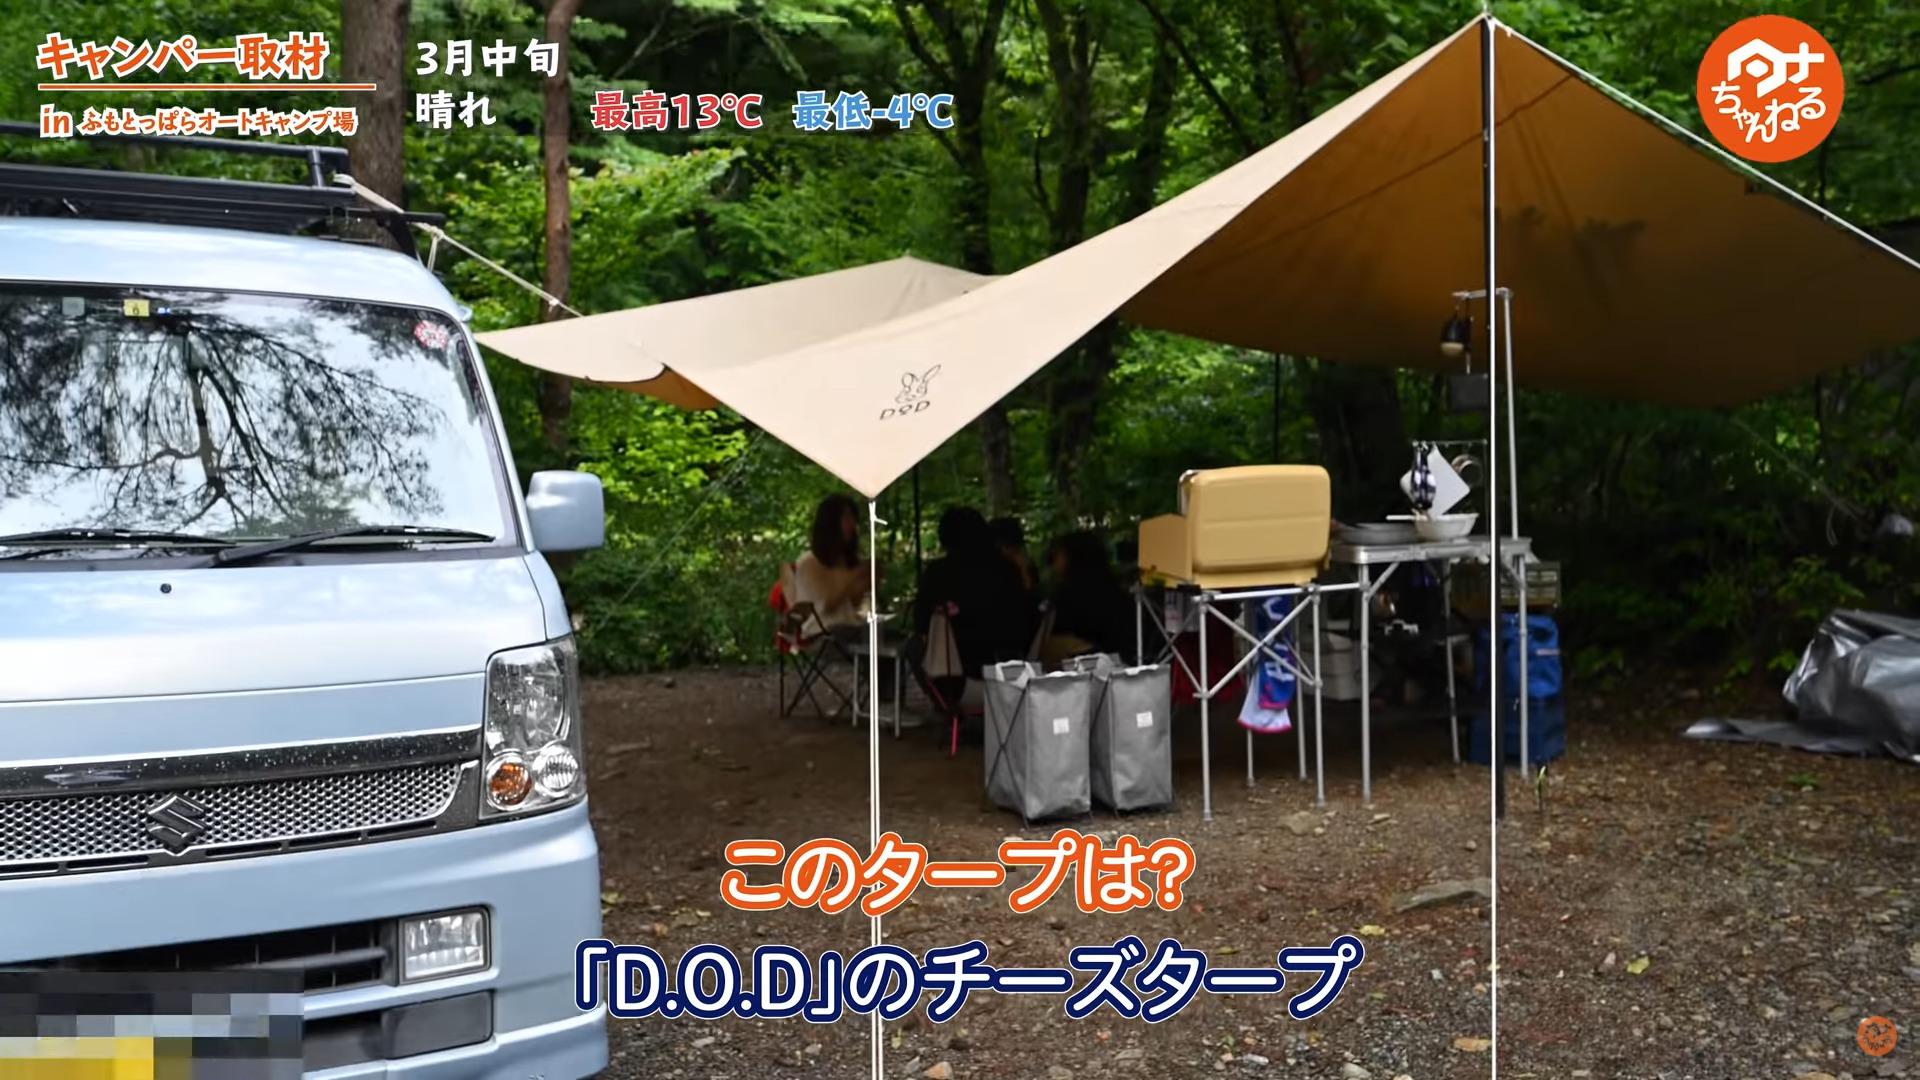 タープ:【DOD】 チーズタープ